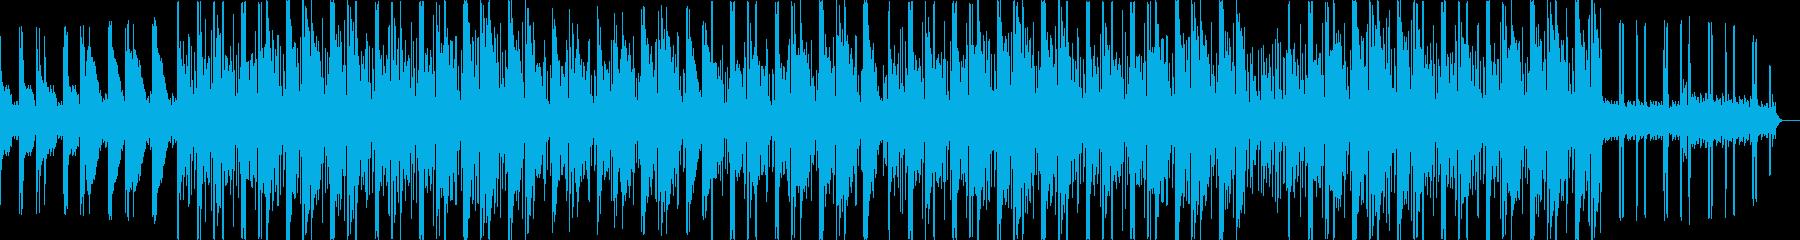 ベース(808)に特徴がある攻撃的ビートの再生済みの波形